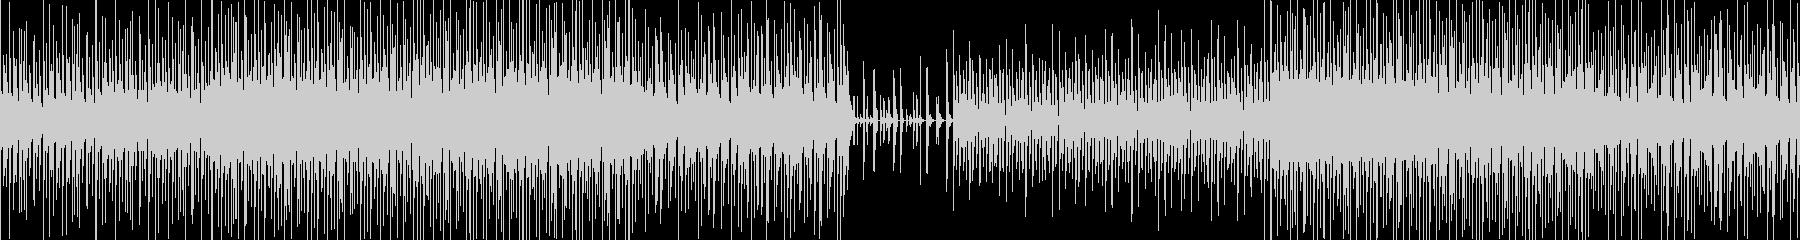 【ループ対応】低音が効いた無機質ビートの未再生の波形